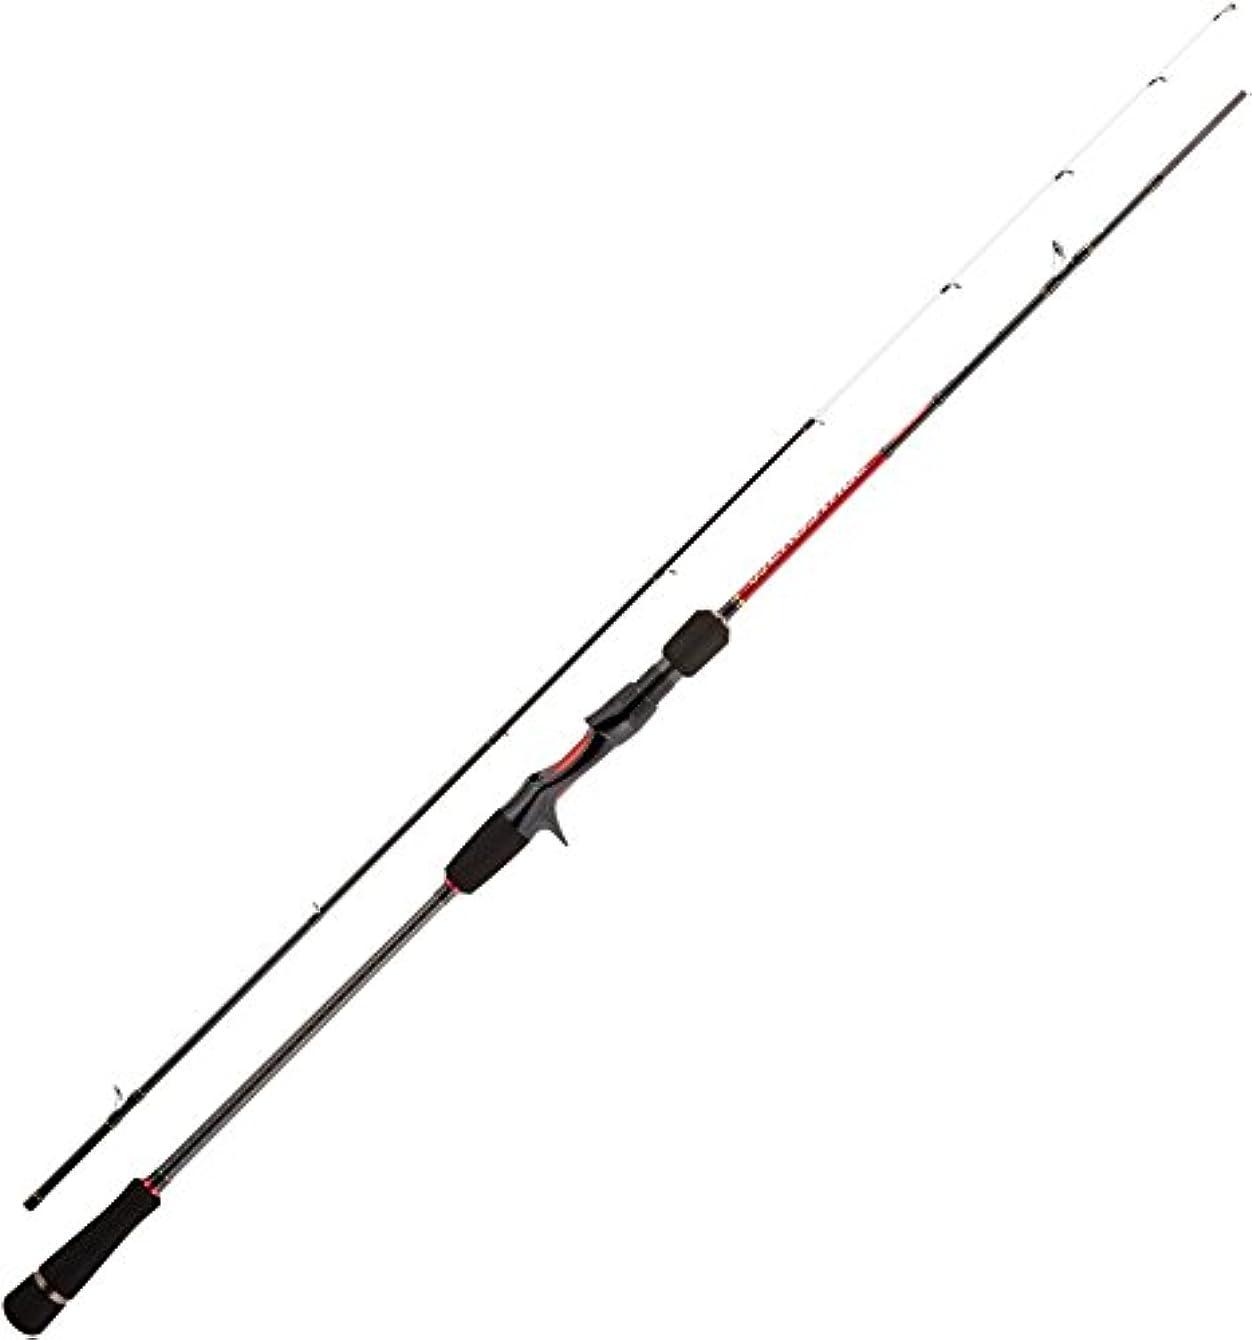 コーン憂鬱な融合メジャークラフト タイラバロッド ベイト 3代目 クロステージ 鯛ラバ 2ピース CRXJ-B662ULTR/ST 6.6フィート 釣り竿